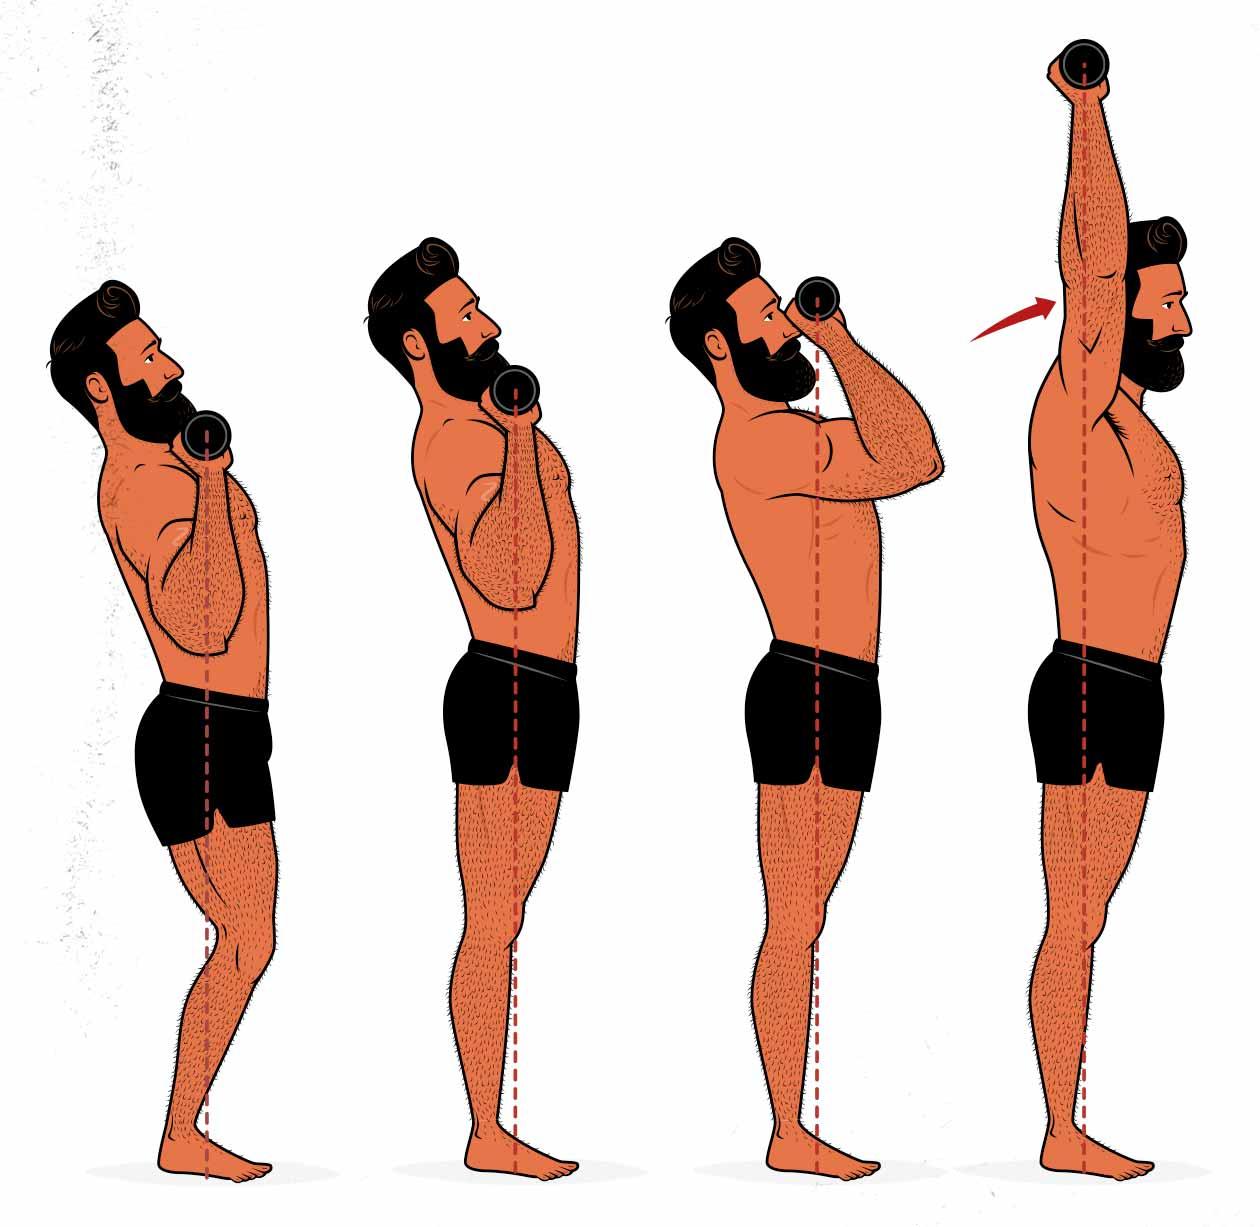 Ilustración de un hombre haciendo un push press o press de hombro con impulso.